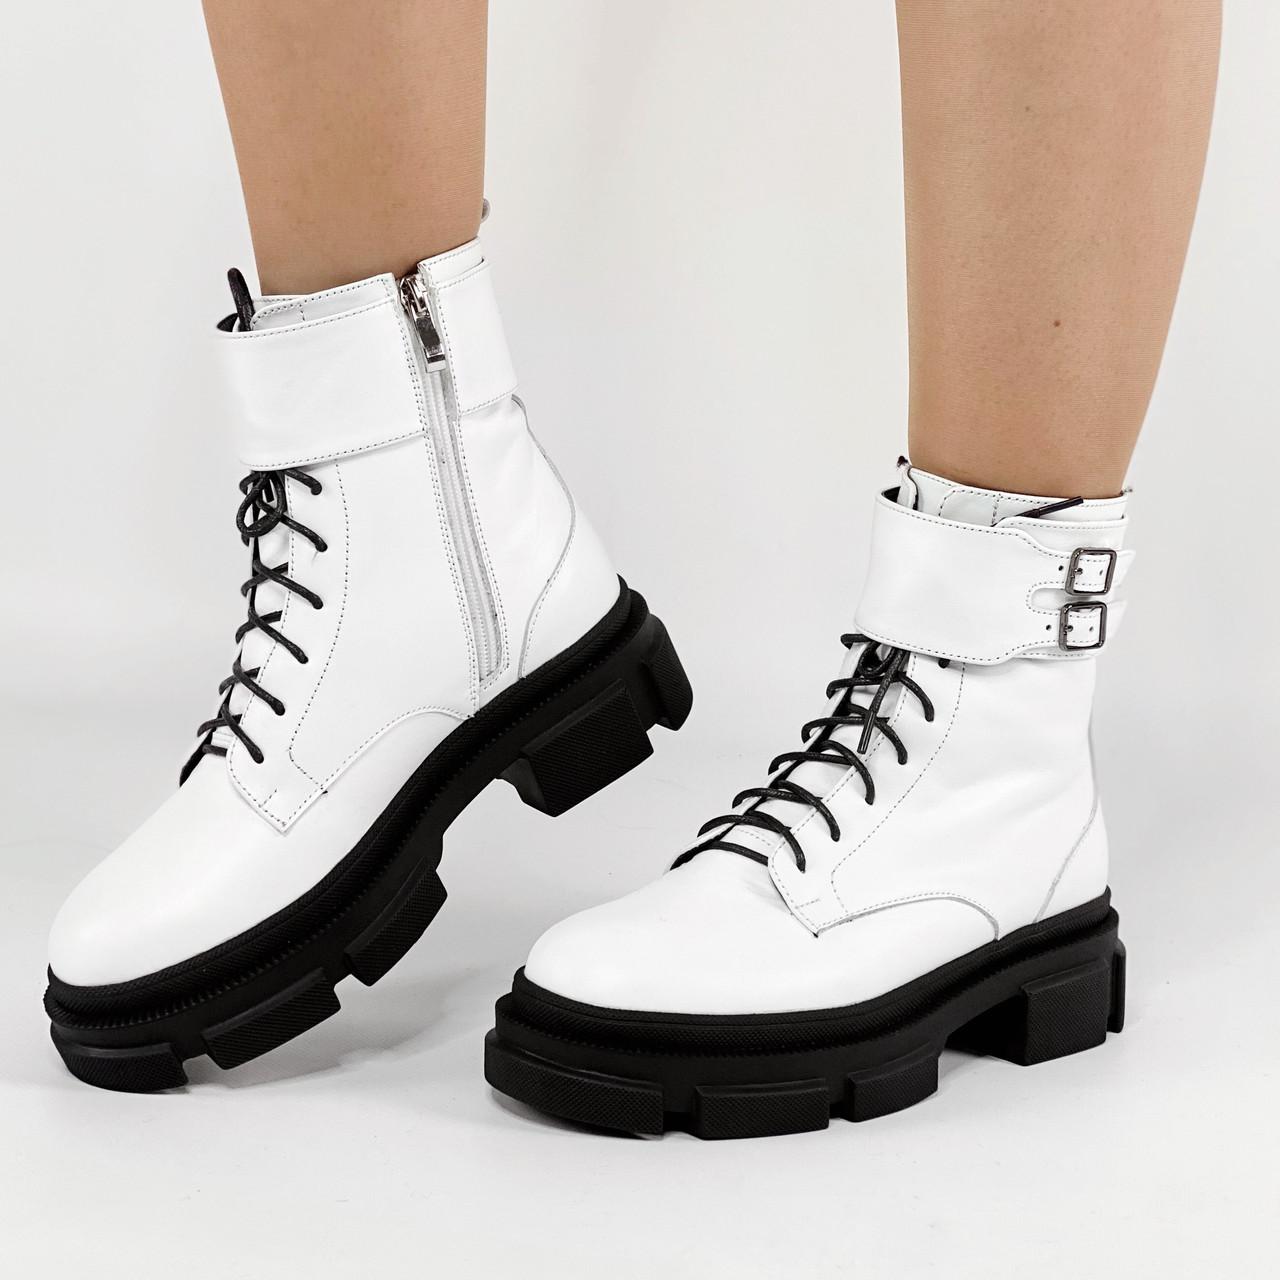 Ботинки женские кожаные белые на массивной подошве MORENTO зимние